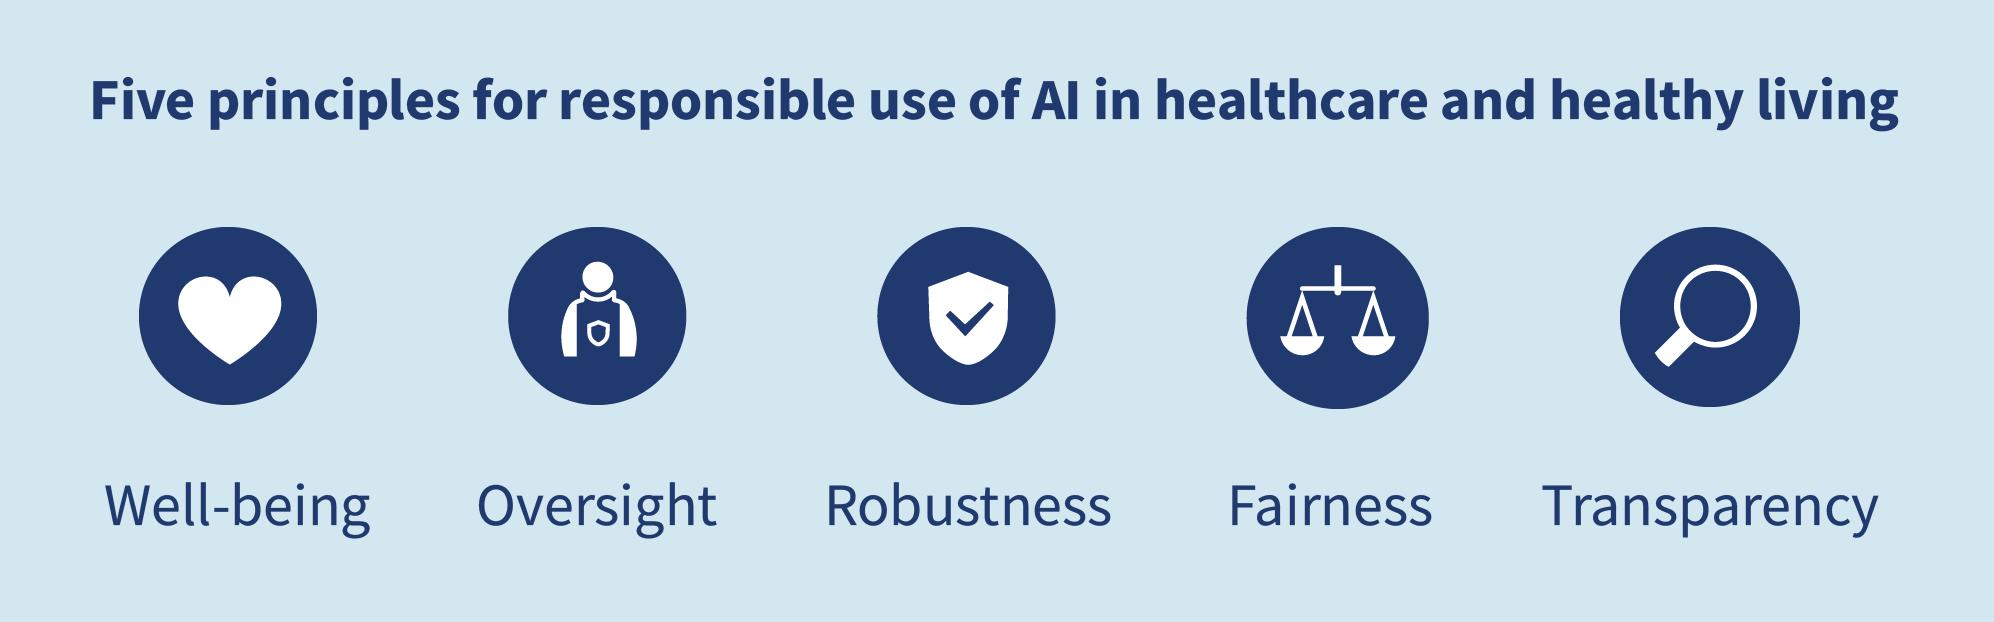 Cinco princípios que norteiam o uso responsável da IA no setor da saúde e para uma vida saudável